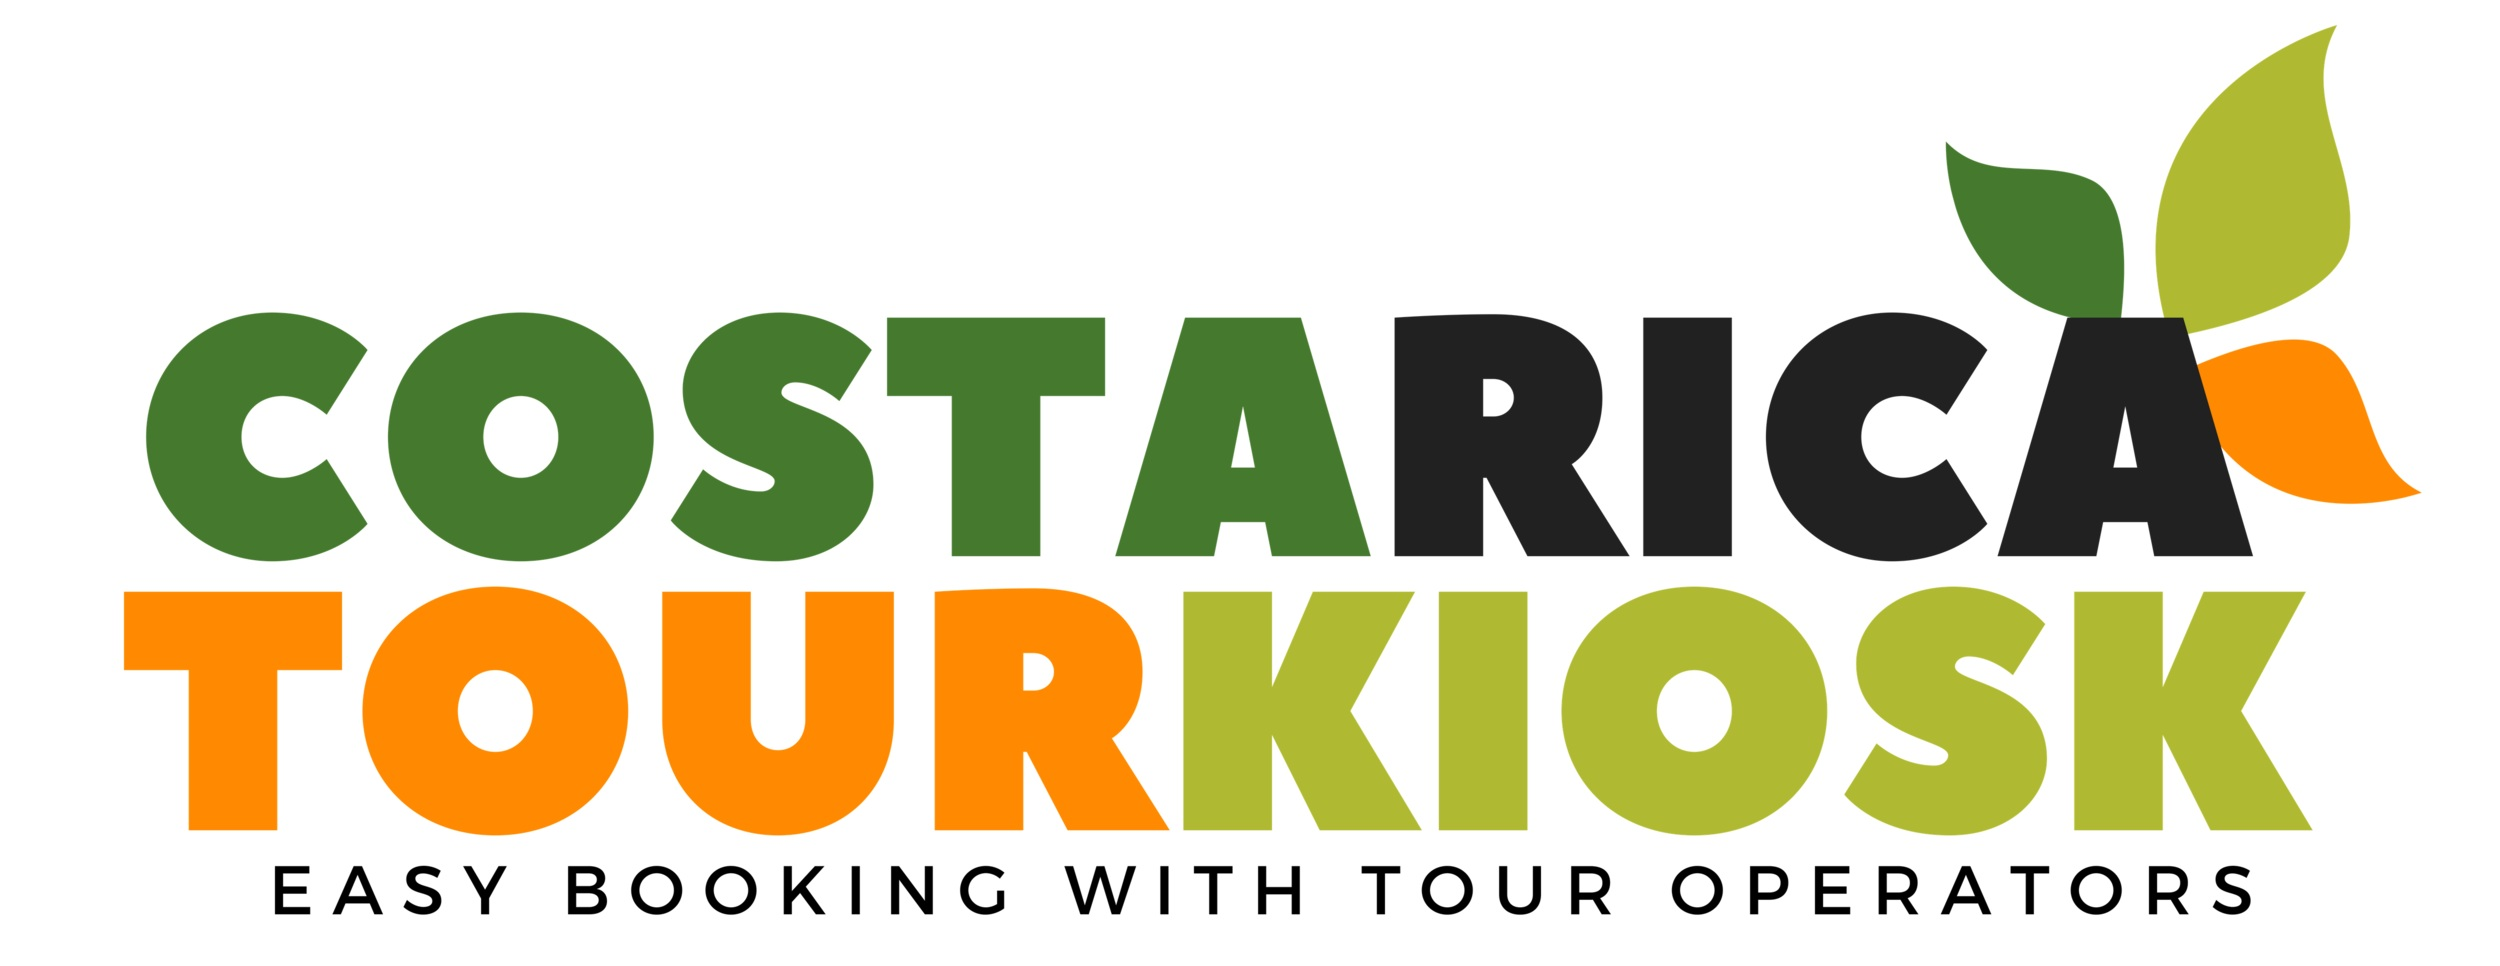 Costa Rica Tour Kiosk.jpg